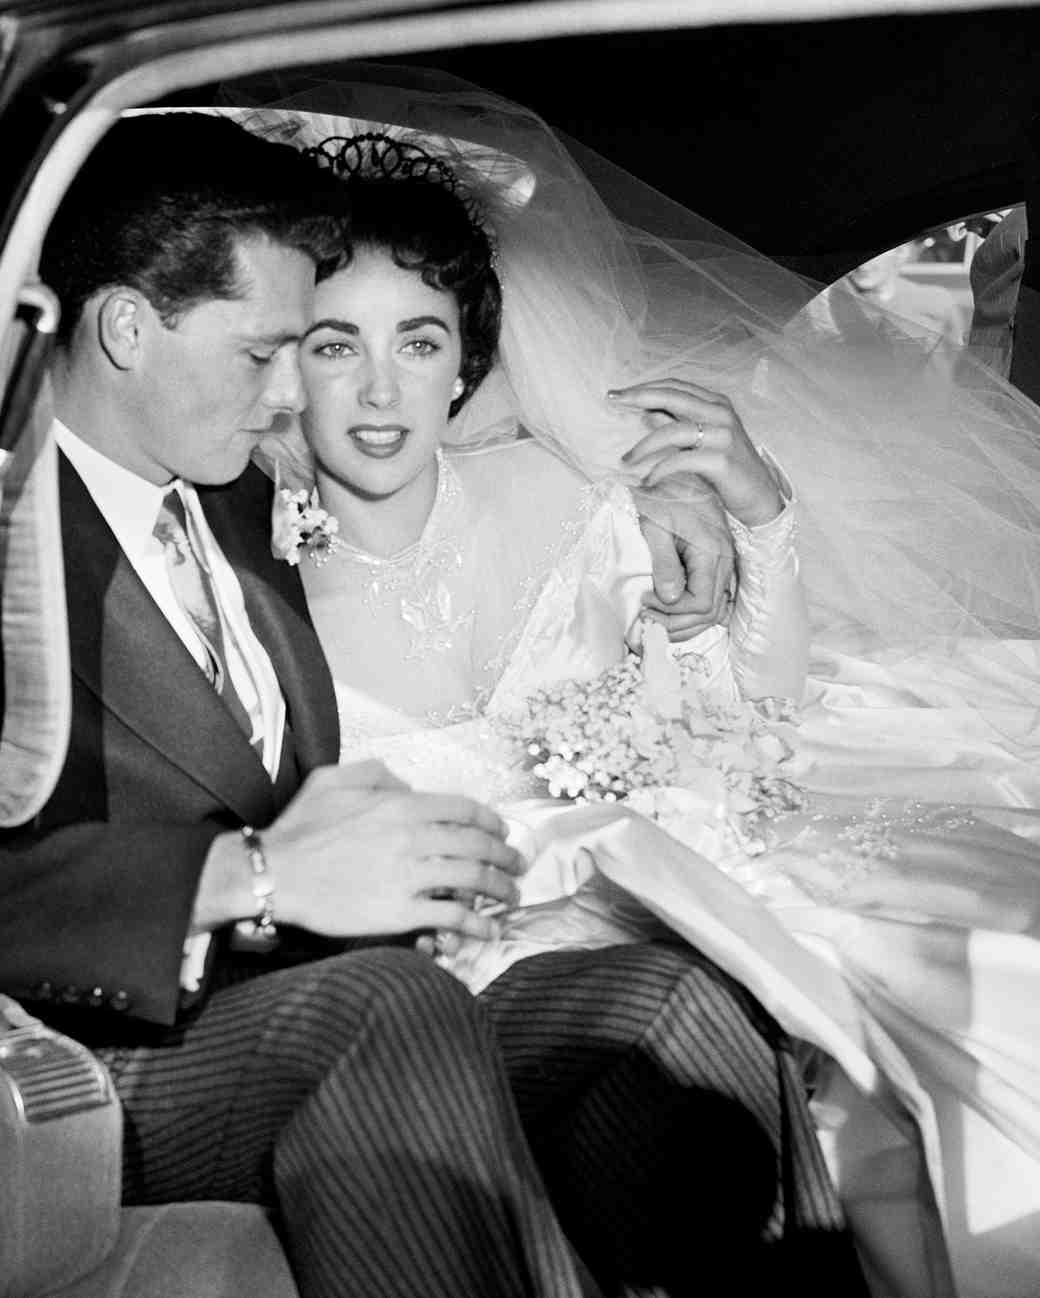 celebrity-brides-veils-elizabeth-taylor-conrad-hilton-0615.jpg